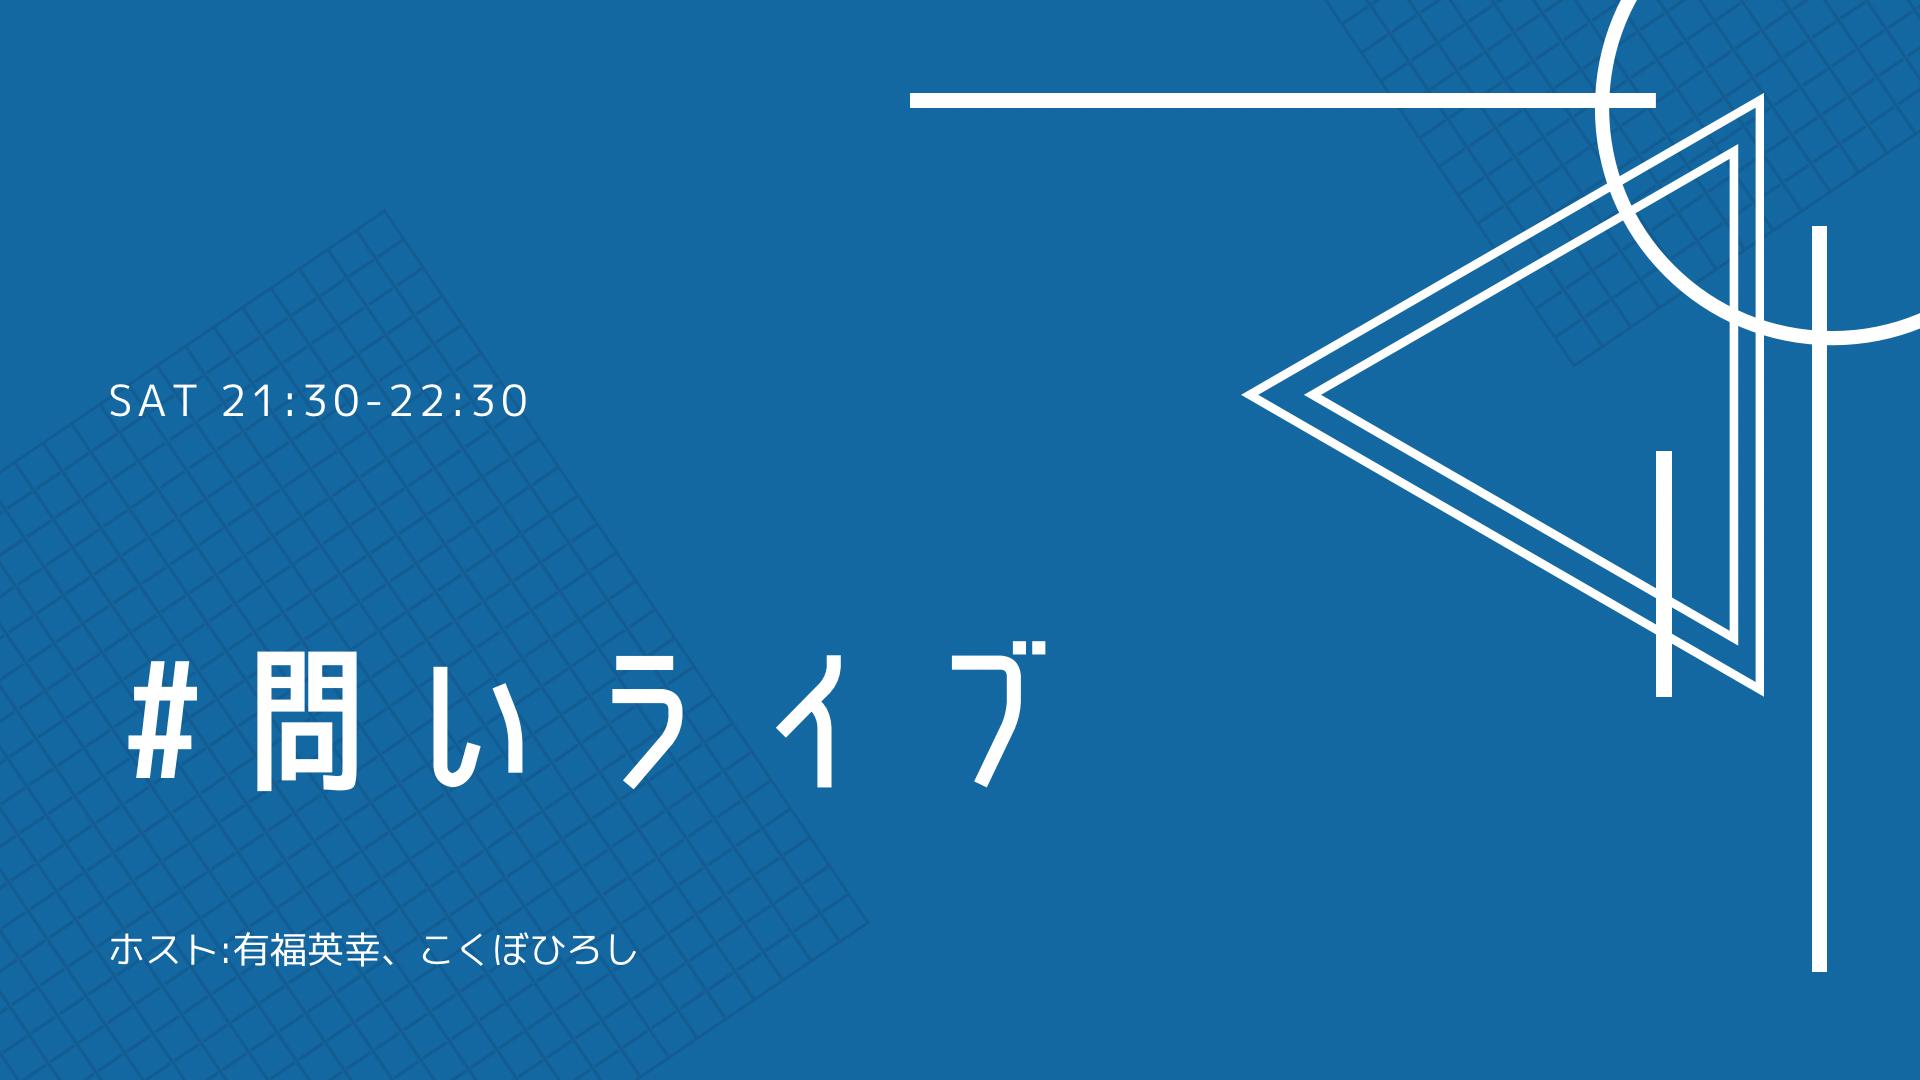 #問いライブ【環境・社会・経済編】